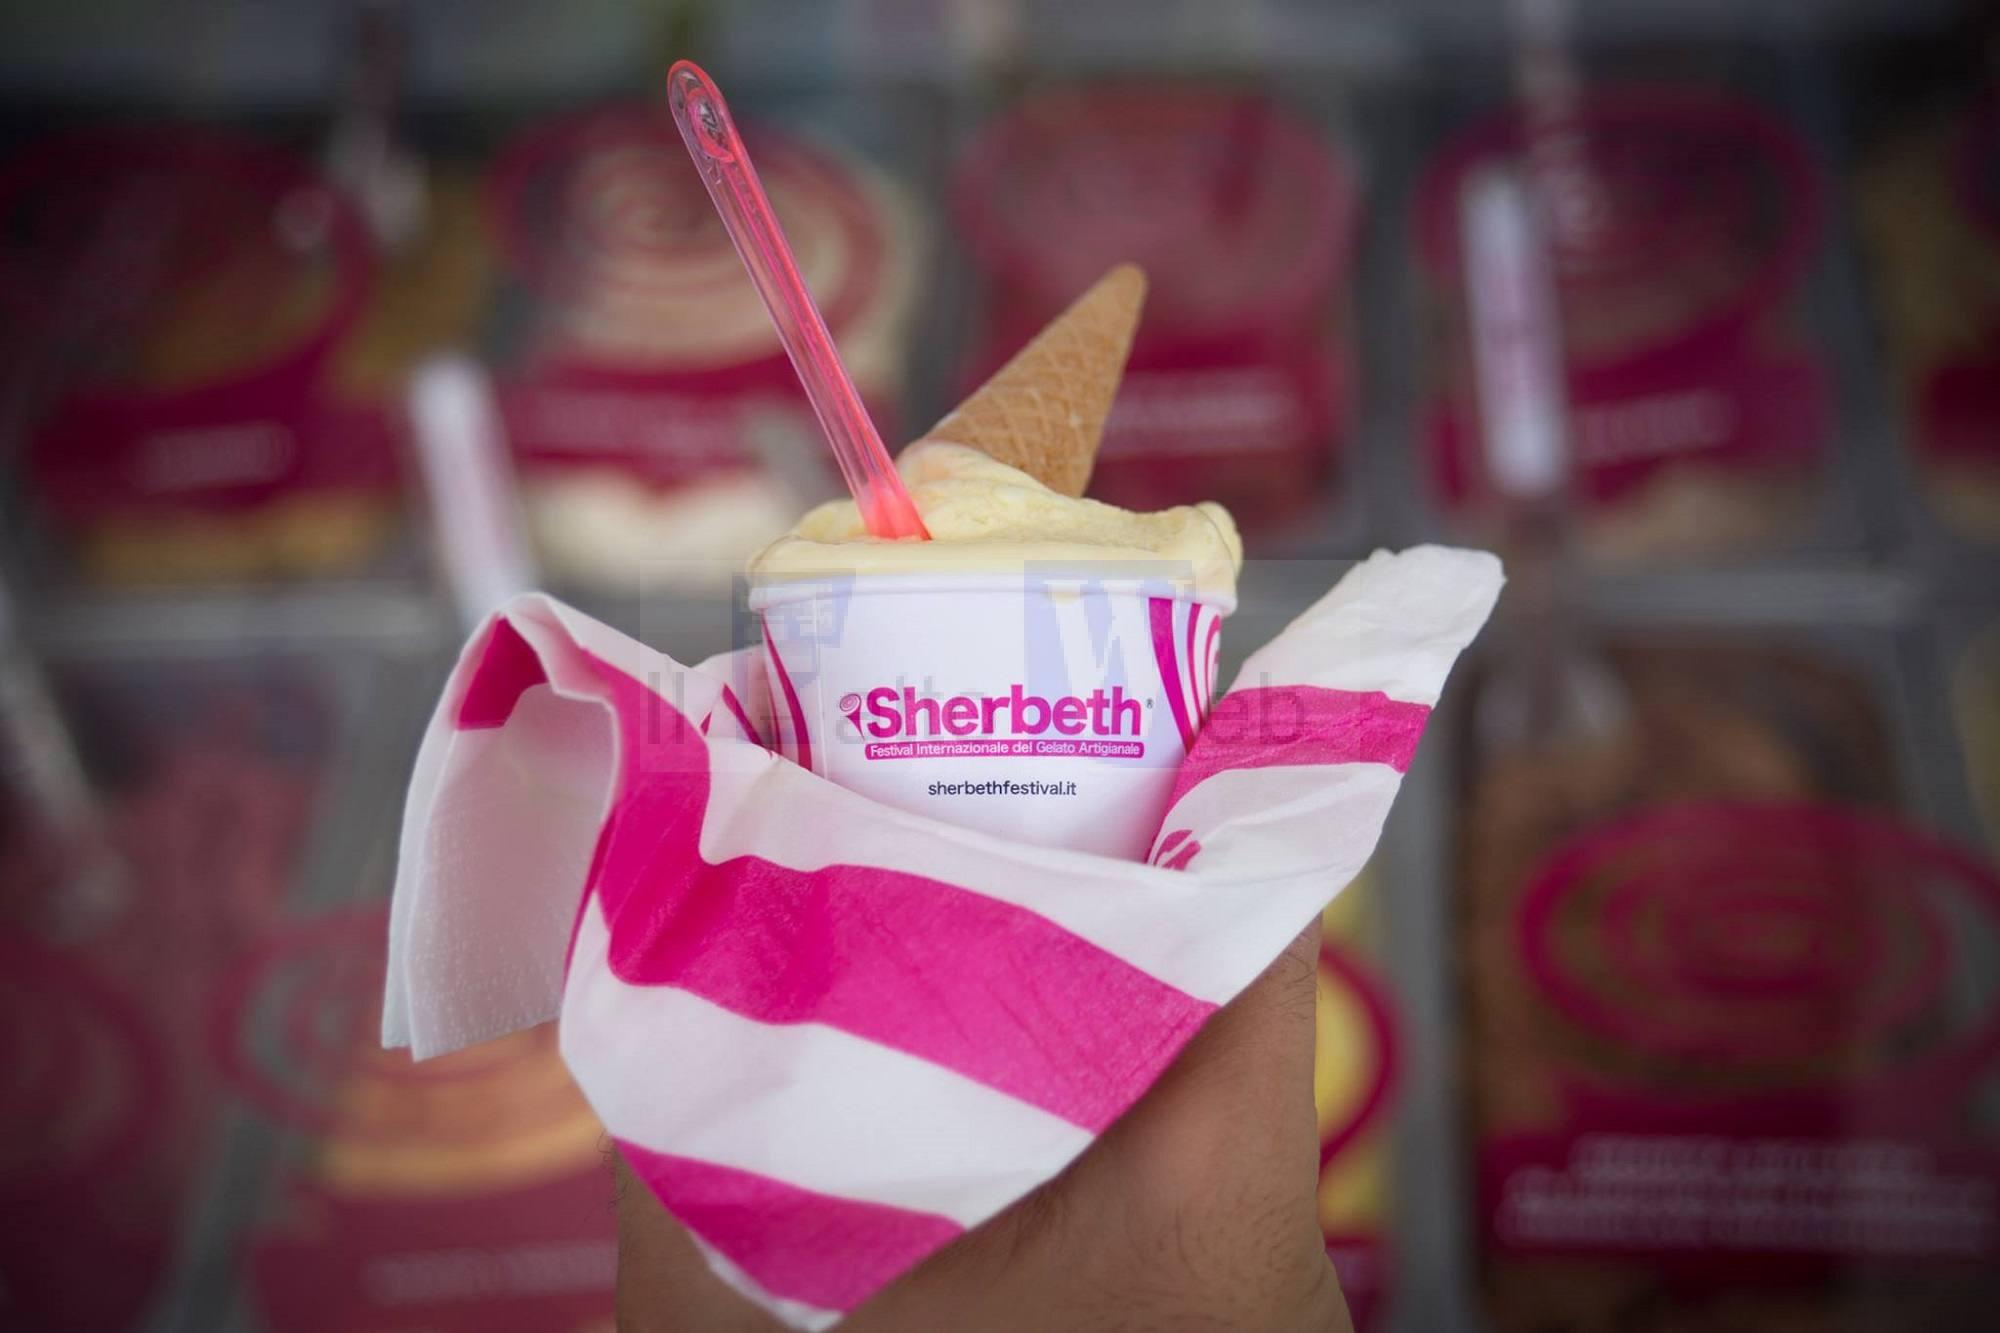 Ritorna Sherbeth, il festival internazionale del gelato artigianale: dal 27 al 30 settembre a Palermo